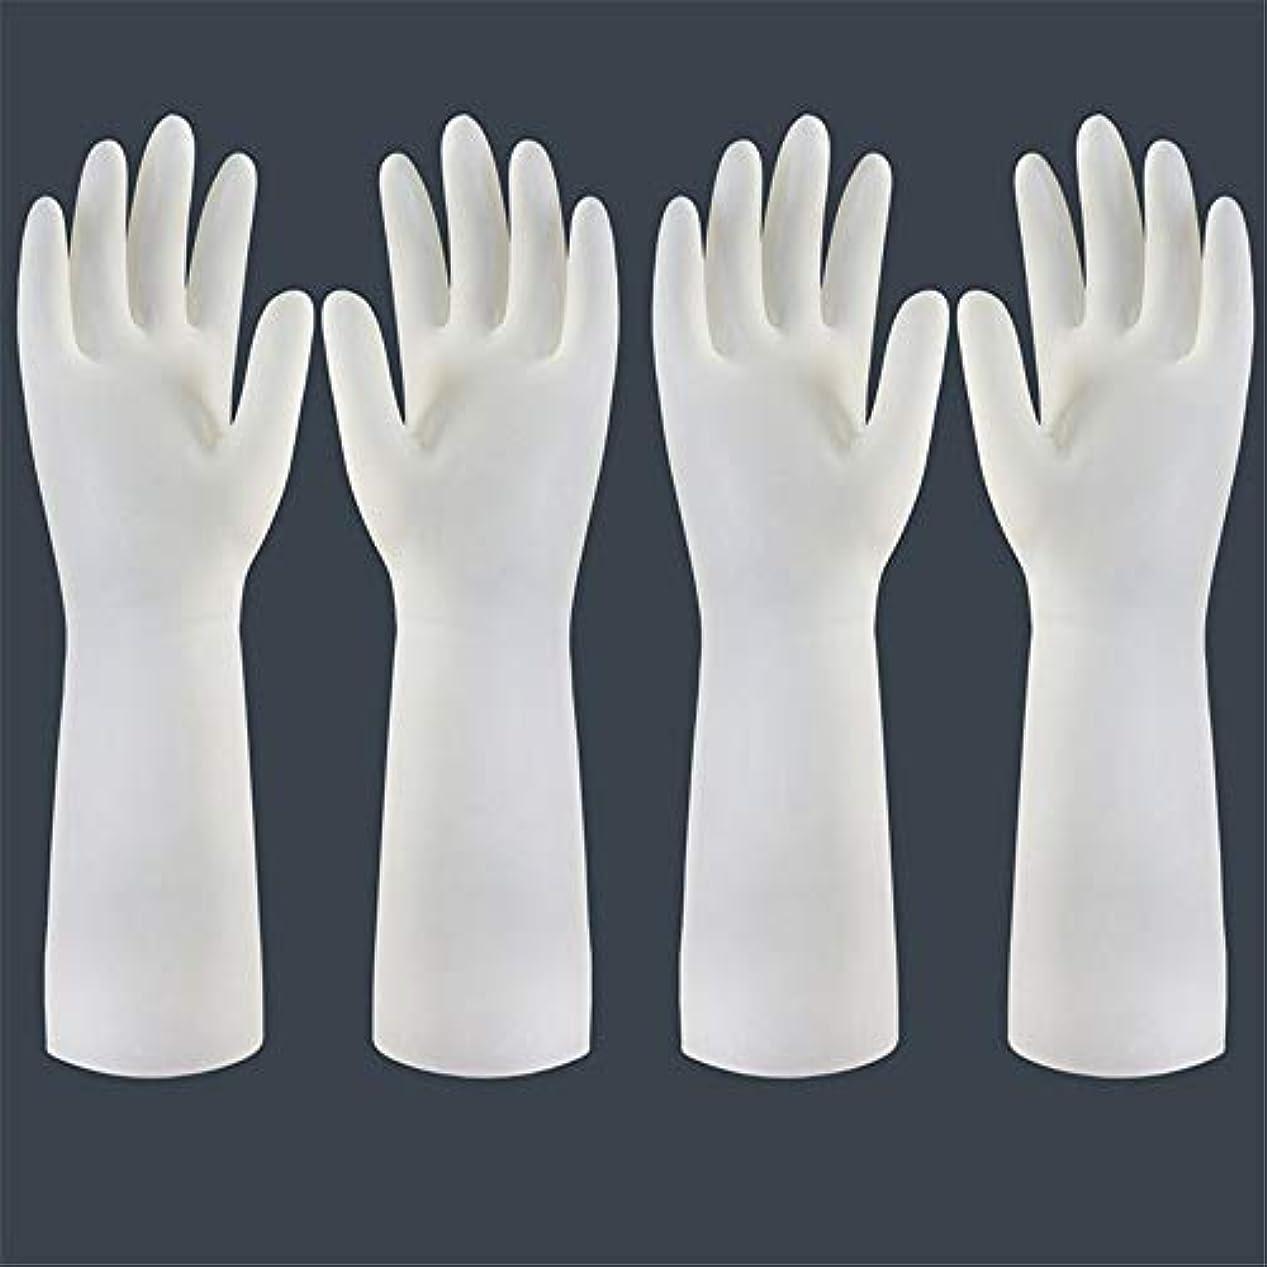 境界苦情文句オリエンテーション使い捨て手袋 使い捨て手袋の防水および耐久のゴム製台所手袋、小/中/大 ニトリルゴム手袋 (Color : Long-2 pair, Size : S)